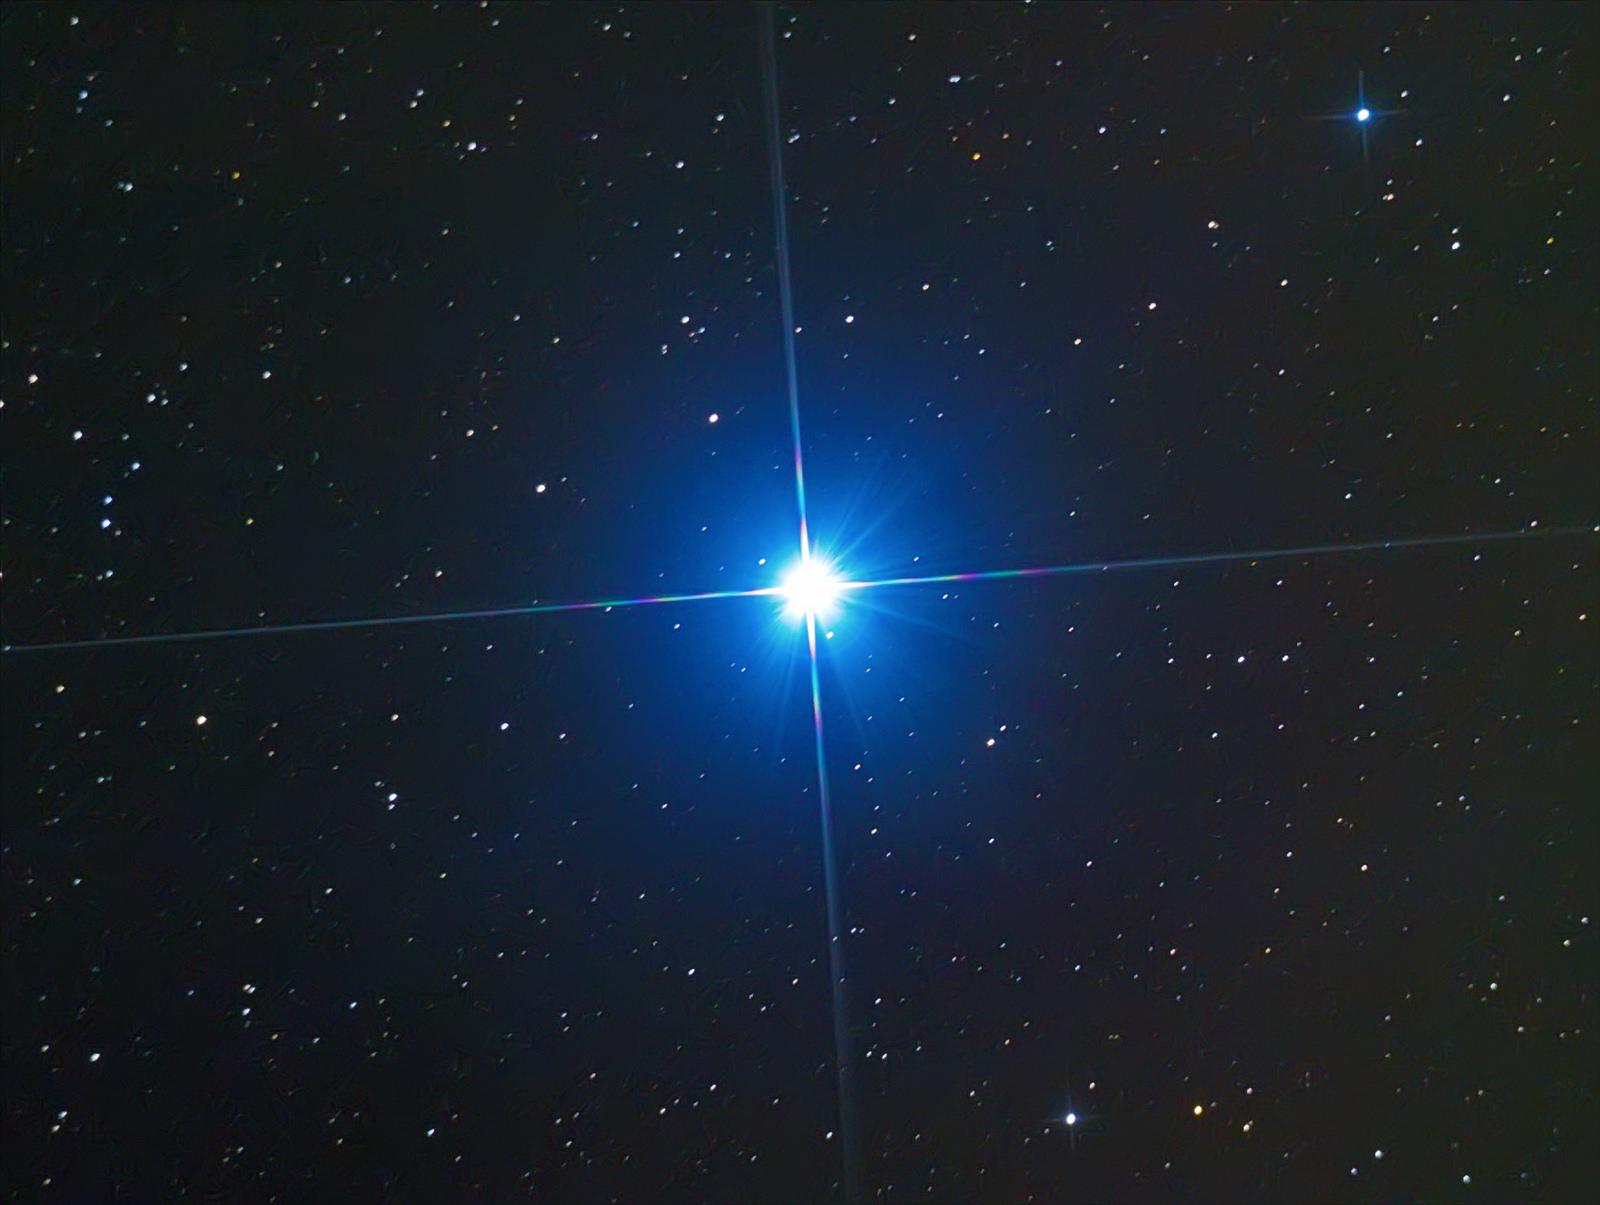 Звезда Вега α (Альфа) Созвездия Лиры.